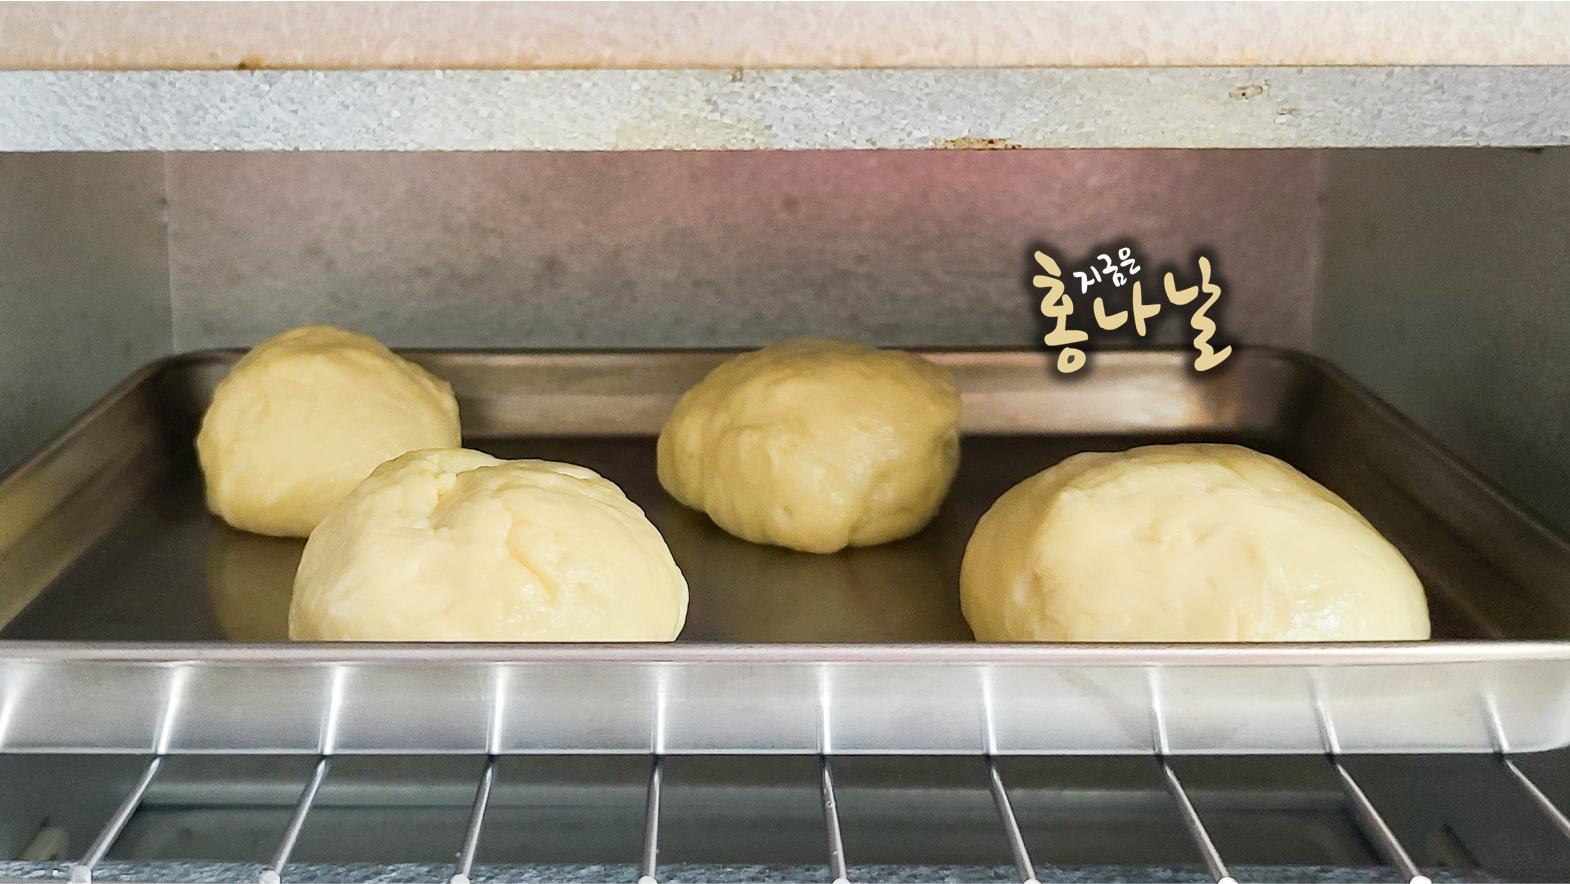 [모닝빵] 오븐에서 빵 굽기